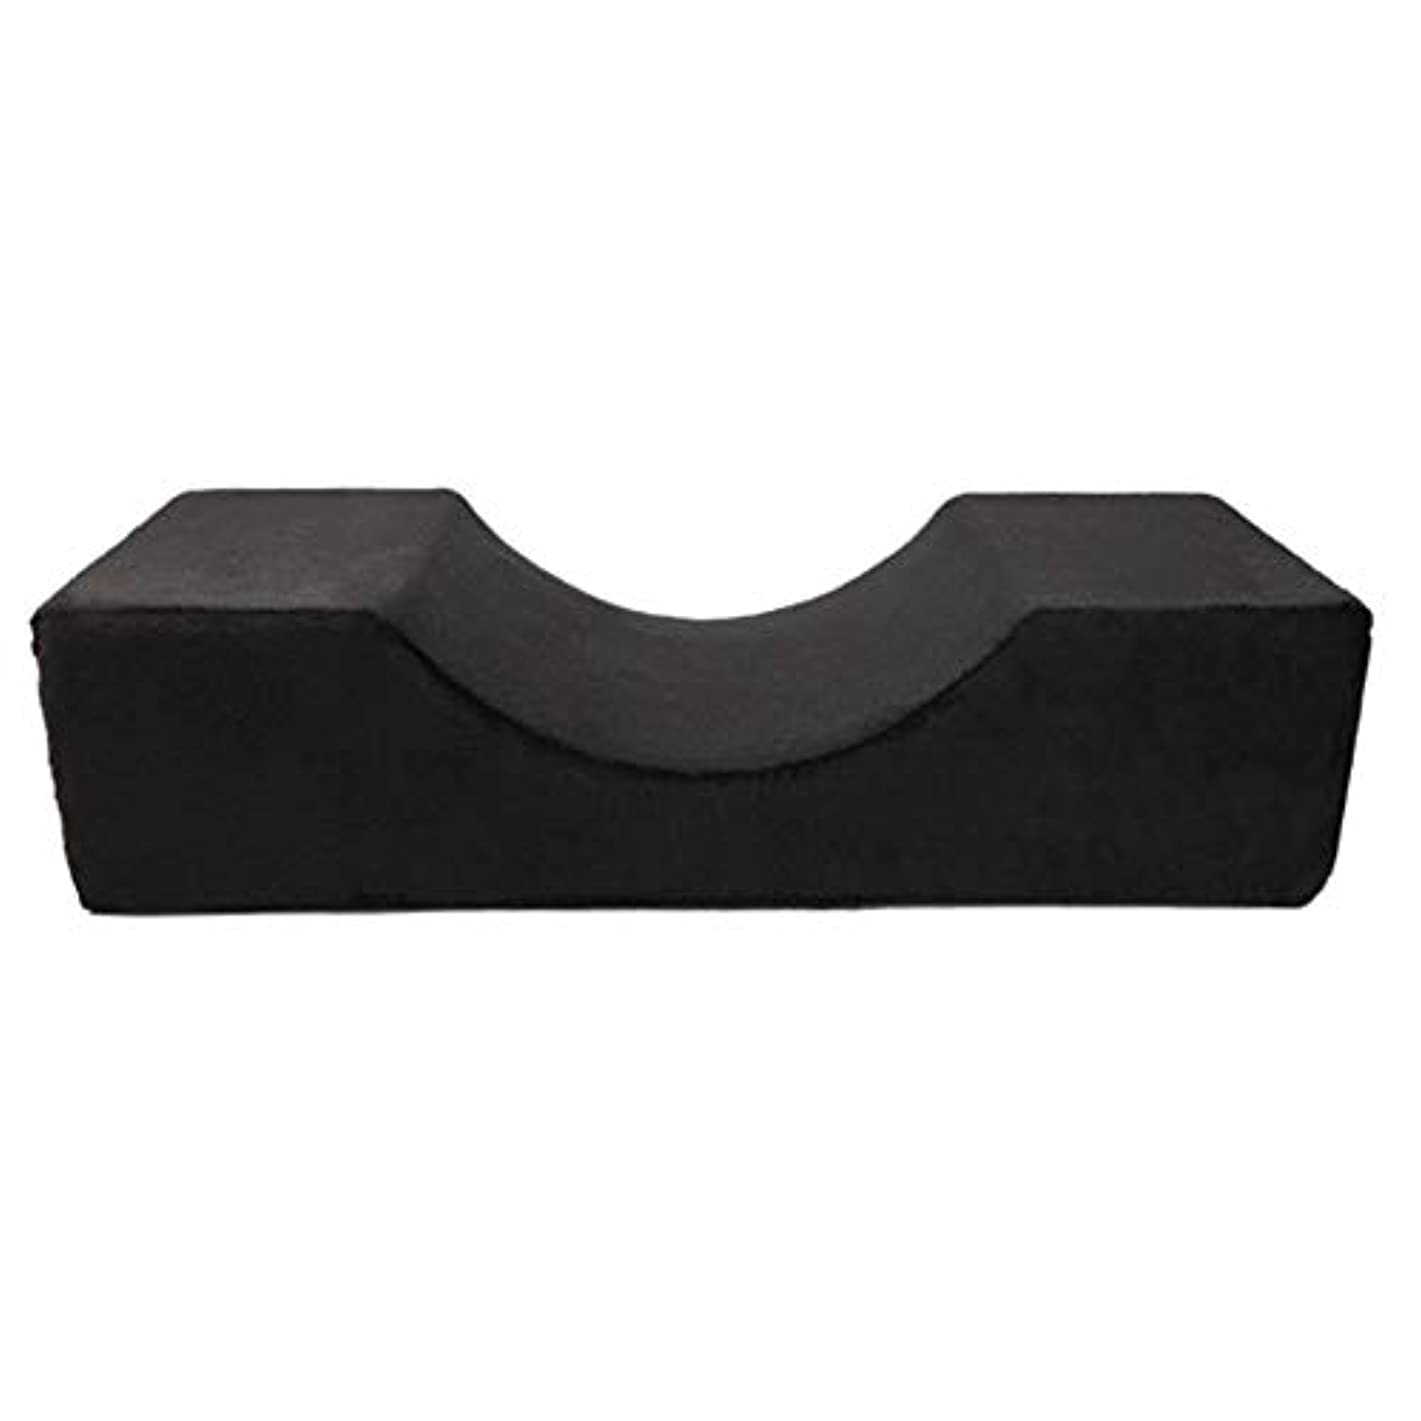 おなじみの不定霧Blulux まつげ移植美容枕PUレザー防水まつげ枕移植まつげ枕(opp袋)